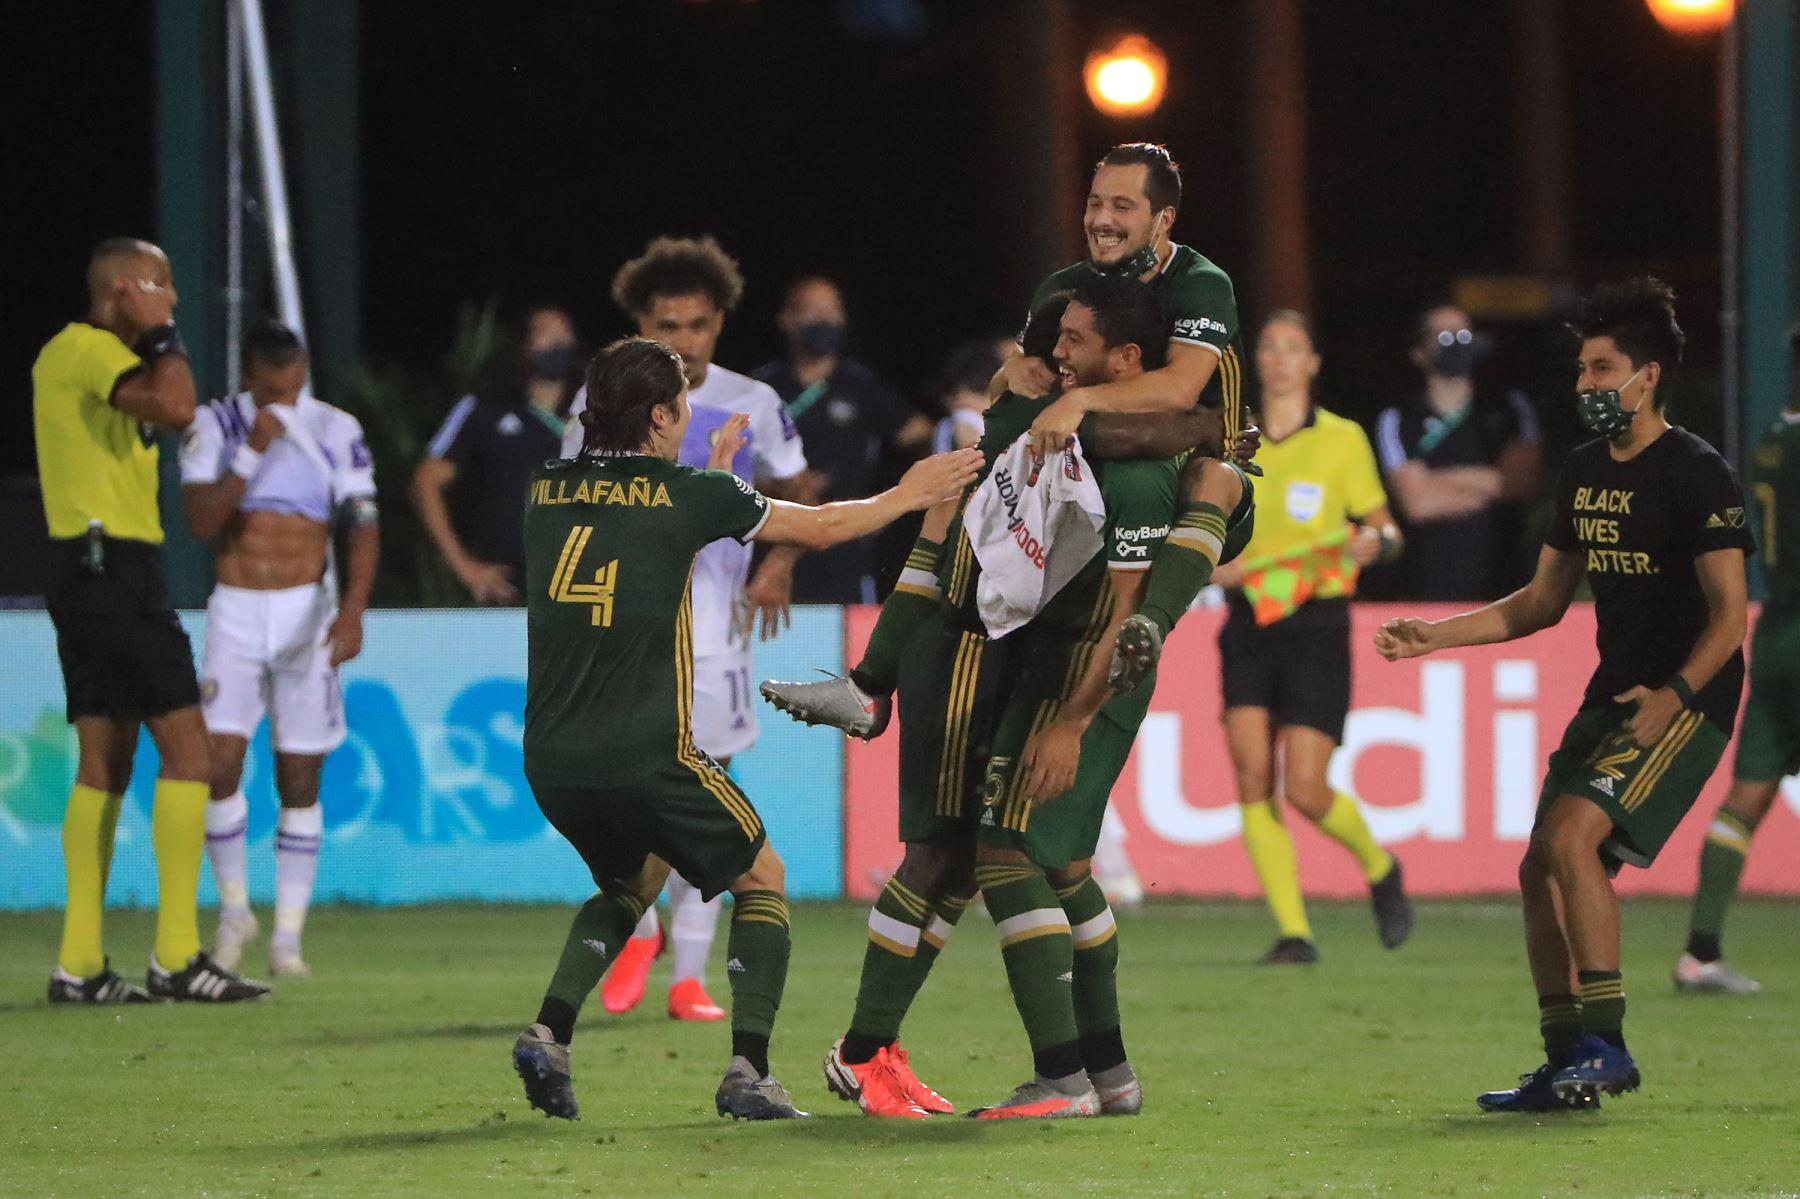 Jorge Villafana, Chris Duvall y Sebastian Blanco de Portland Timbers celebran tras derrotar a Orlando City 2-1 en el partido final del MLS Is Back. Foto: AFP